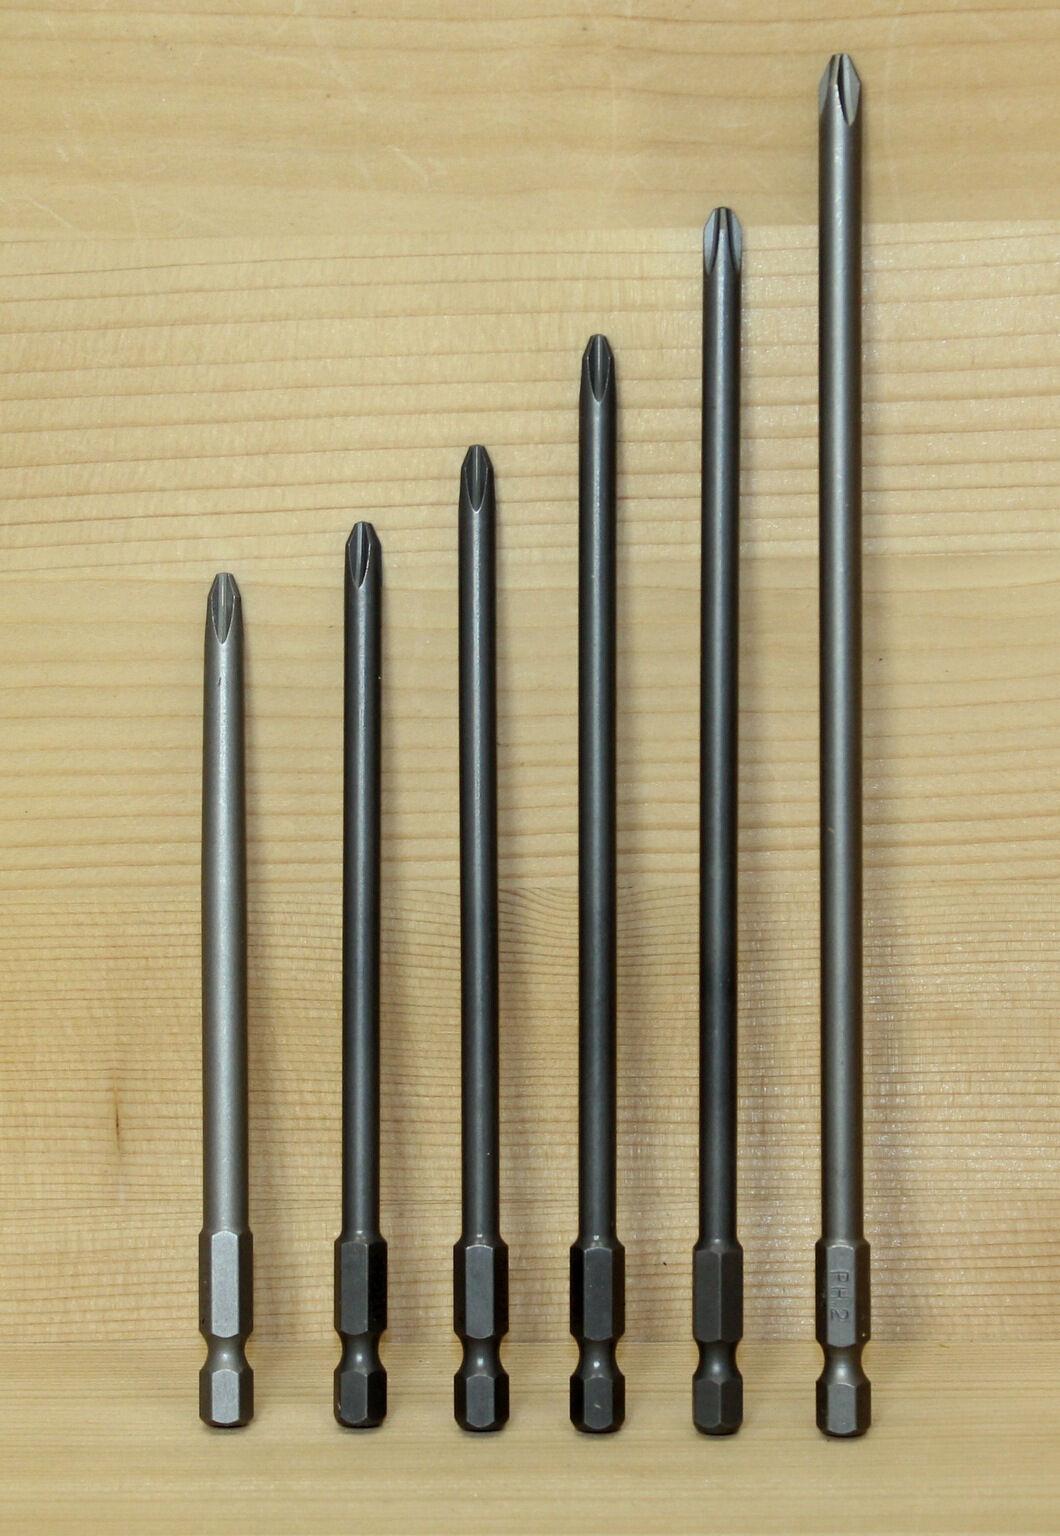 PH 2 Bits für Magazinschrauber 110 - 176 mm Makita   Fein   Hilti   Bosch   Flex